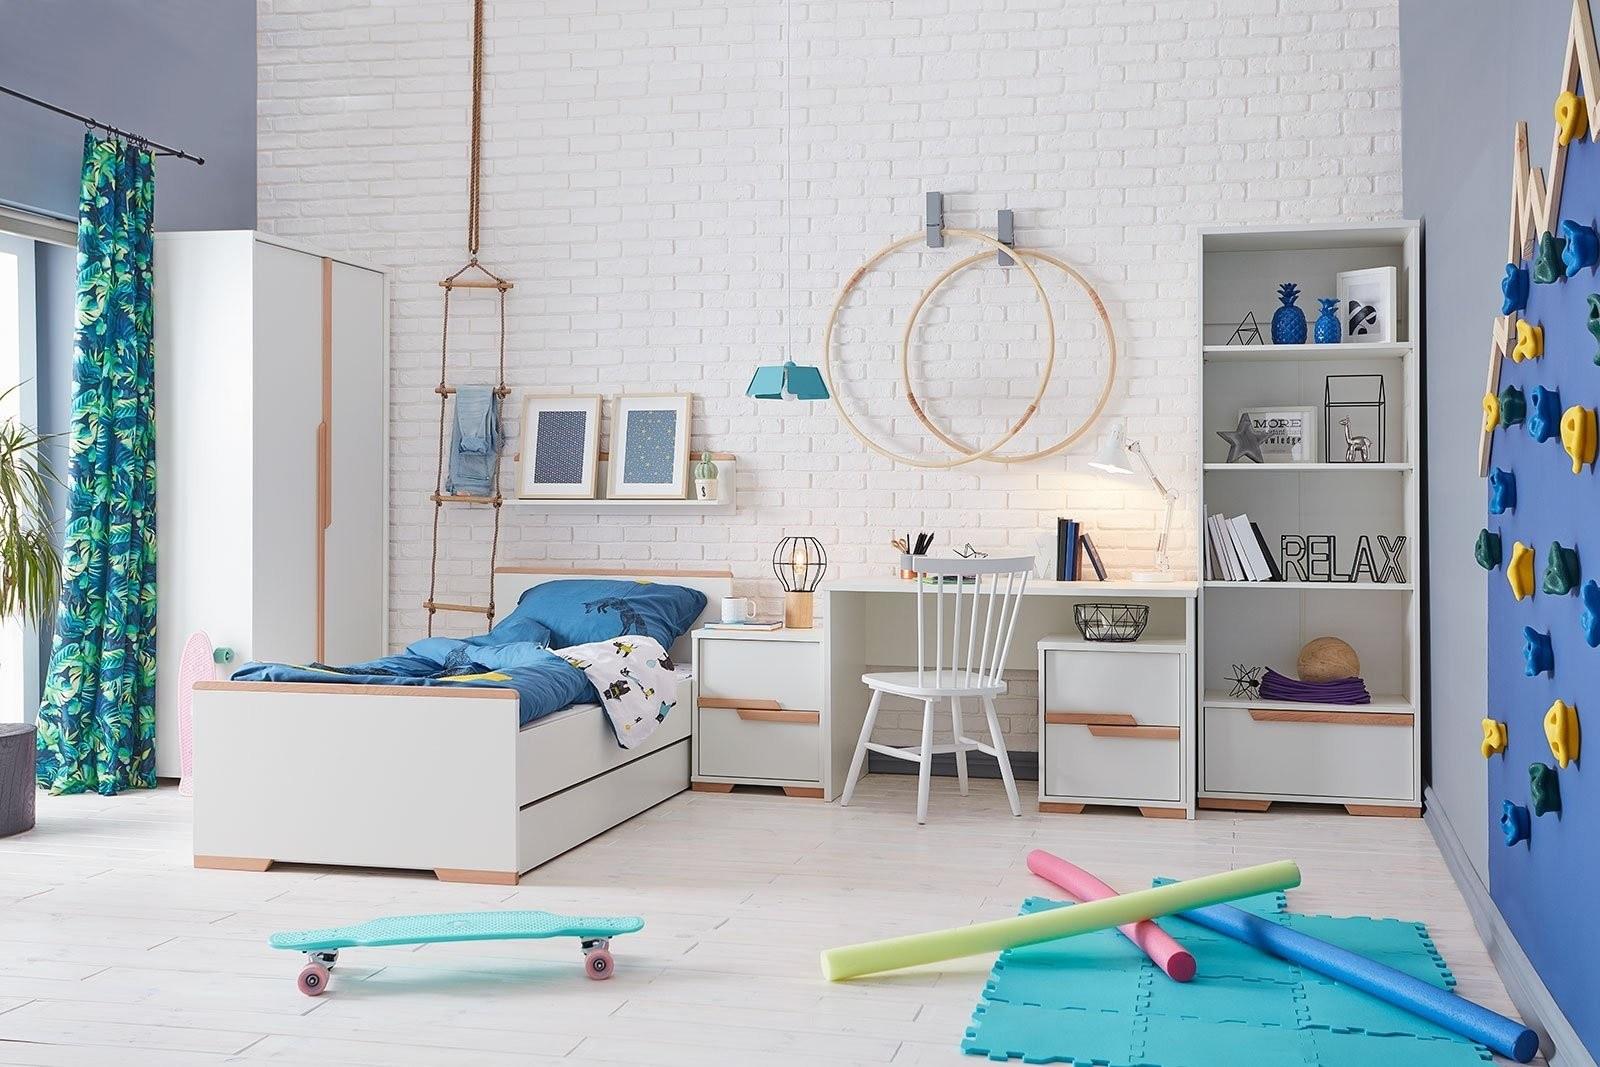 Full Size of Jugendzimmer Bett Set Snap Von Pinio 4 Tlg Bestehend Aus Französische Betten Luxus Konfigurieren Sofa Mit Bettkasten Skandinavisch Boxspring Selber Bauen Bett Jugendzimmer Bett